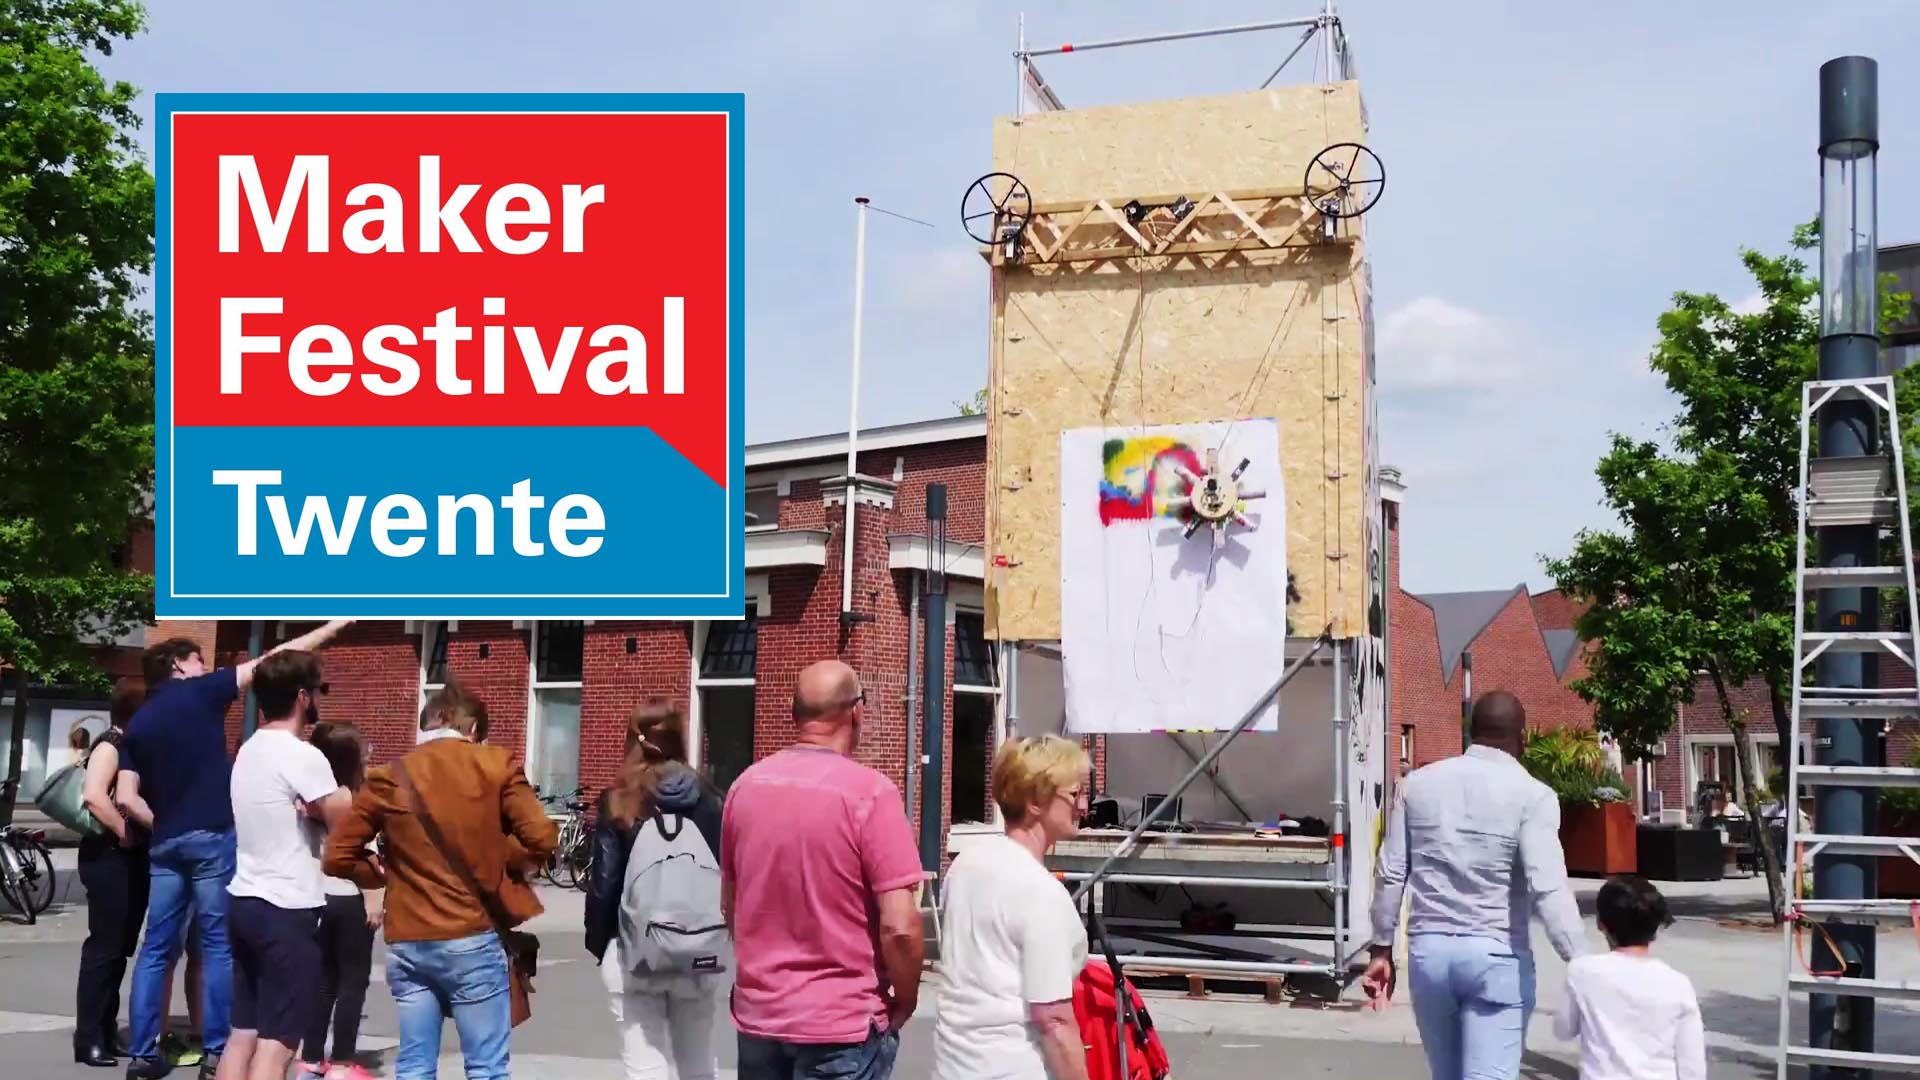 Maker Festival Twente 25 en 26 mei 2019